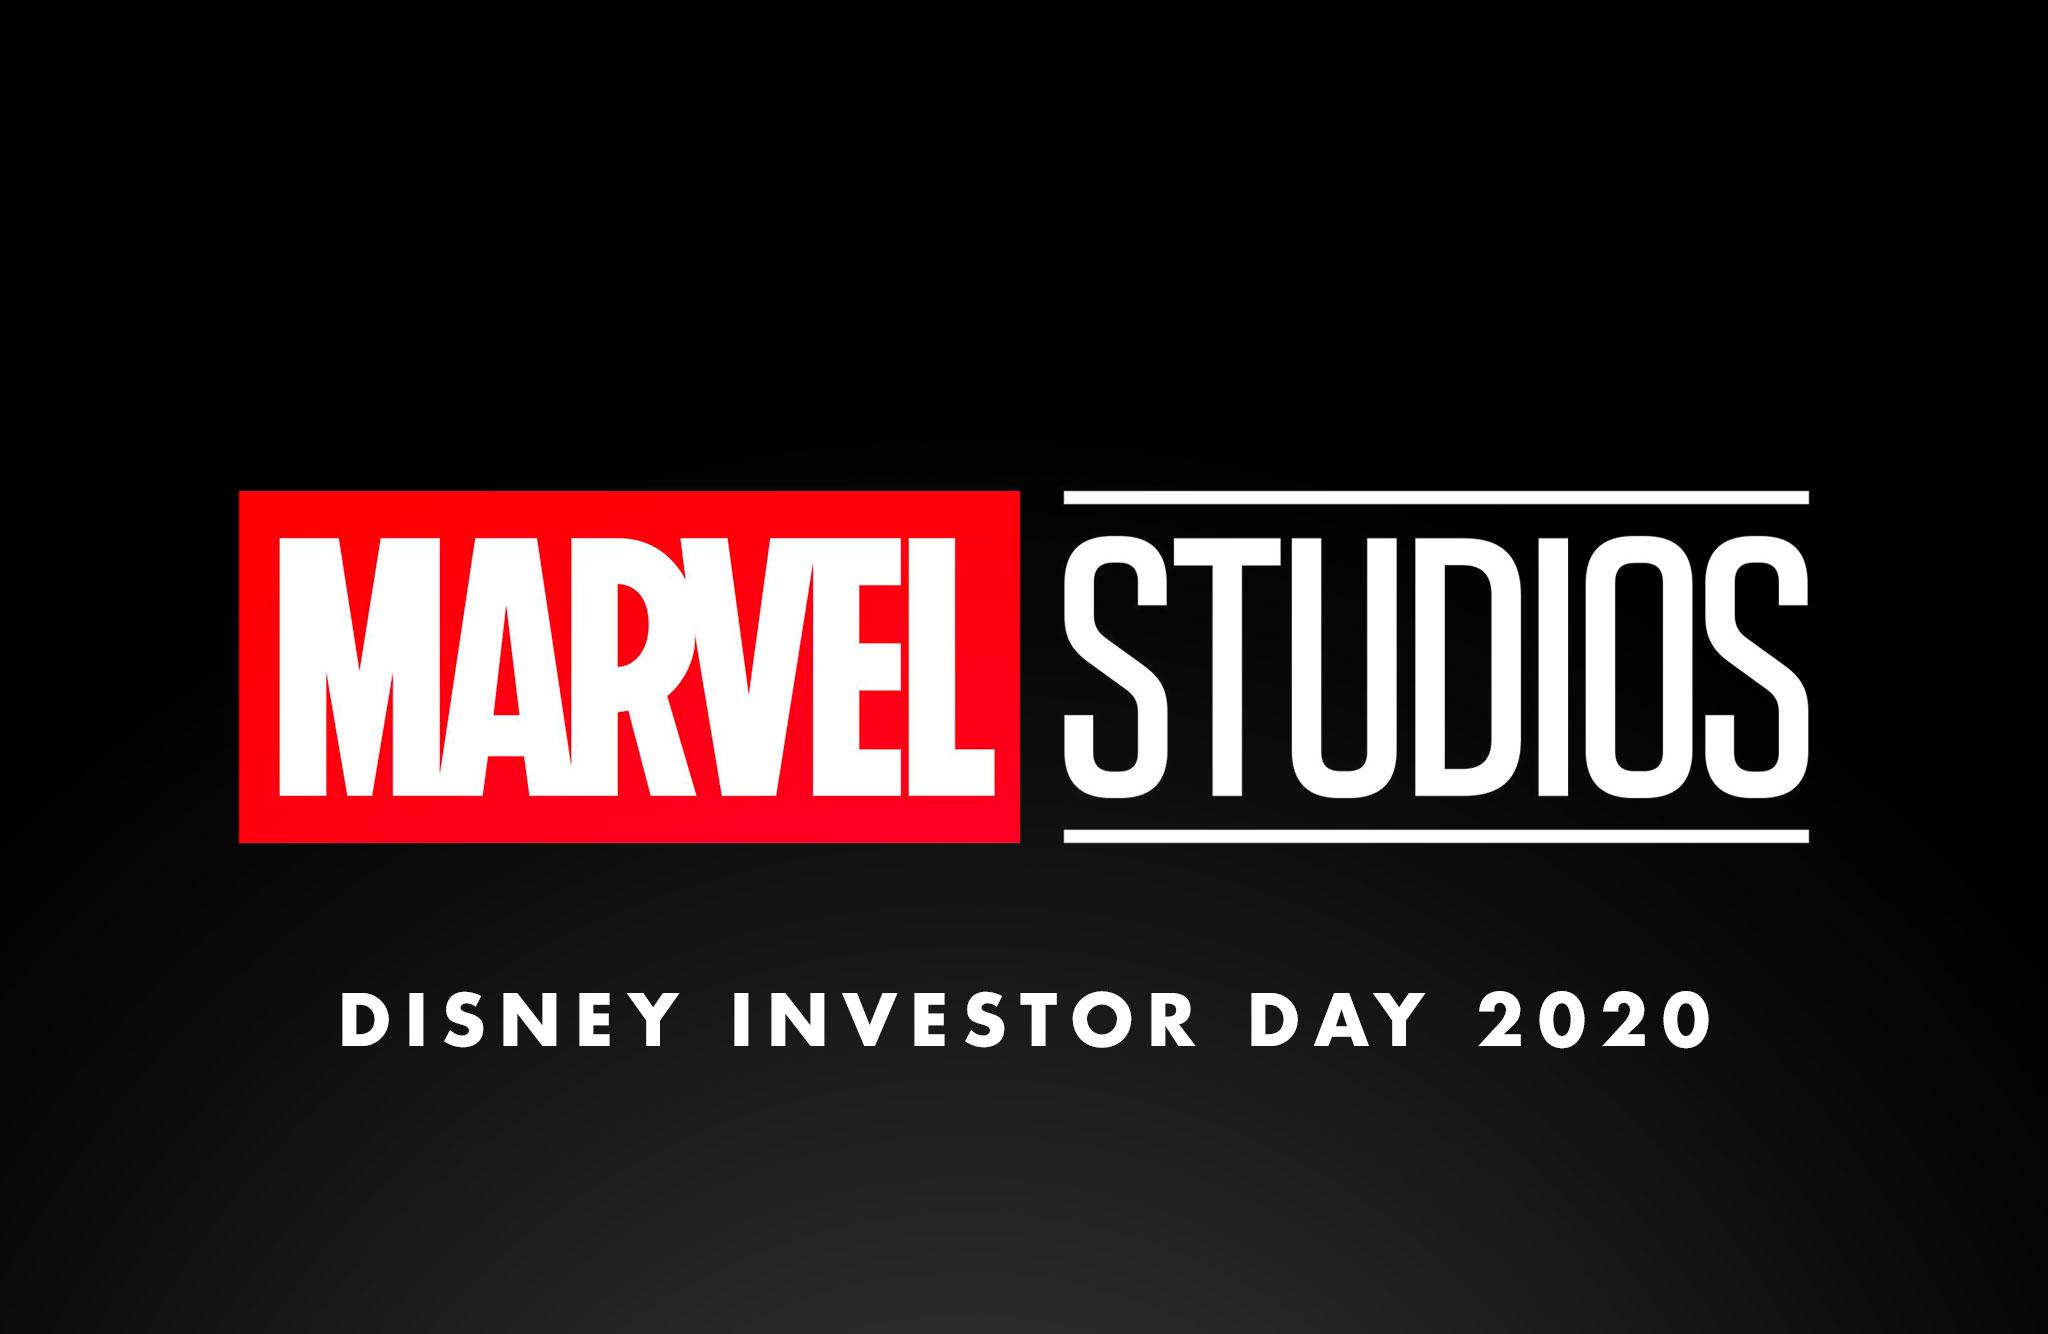 Disney Investor Day 2020 : découvrez tous les projets totalement dingues de Disney pour les 3 prochaines années